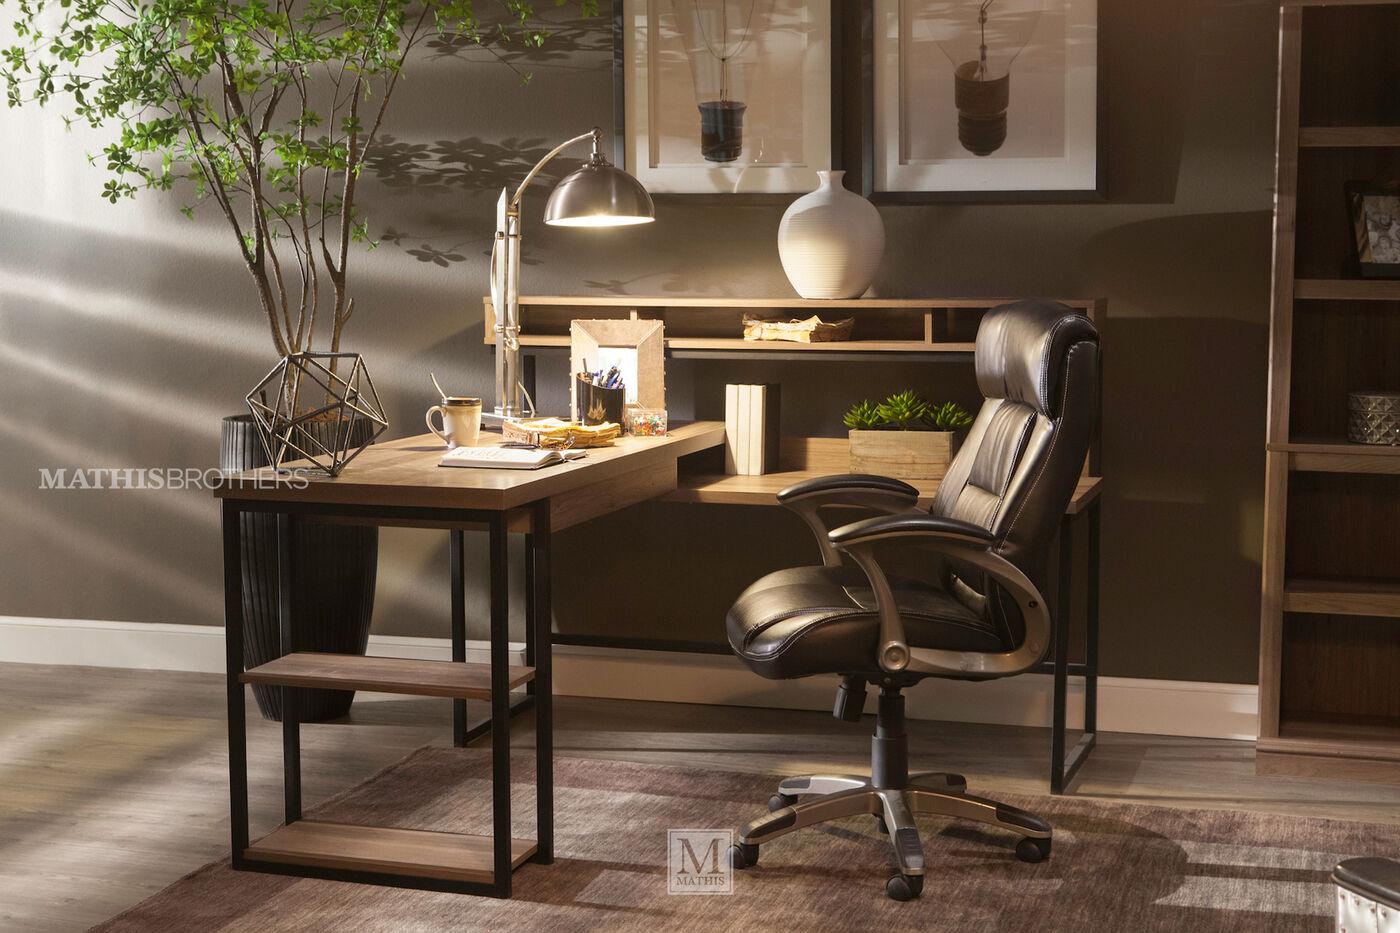 Sauder L Shaped Desk Mathis Brothers Furniture